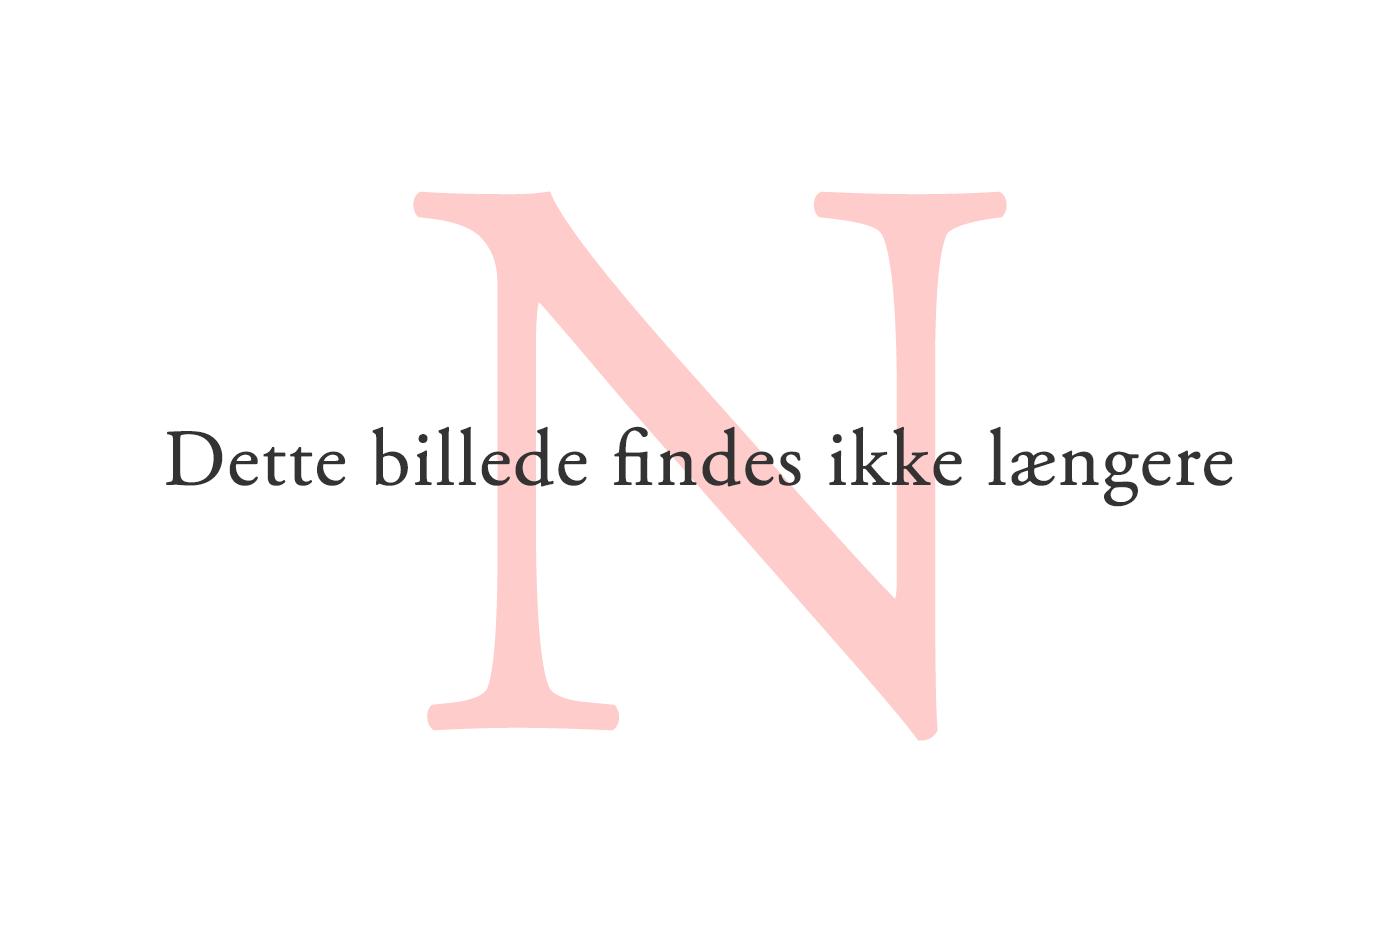 Det er dejligt å være norsk – i Danmark